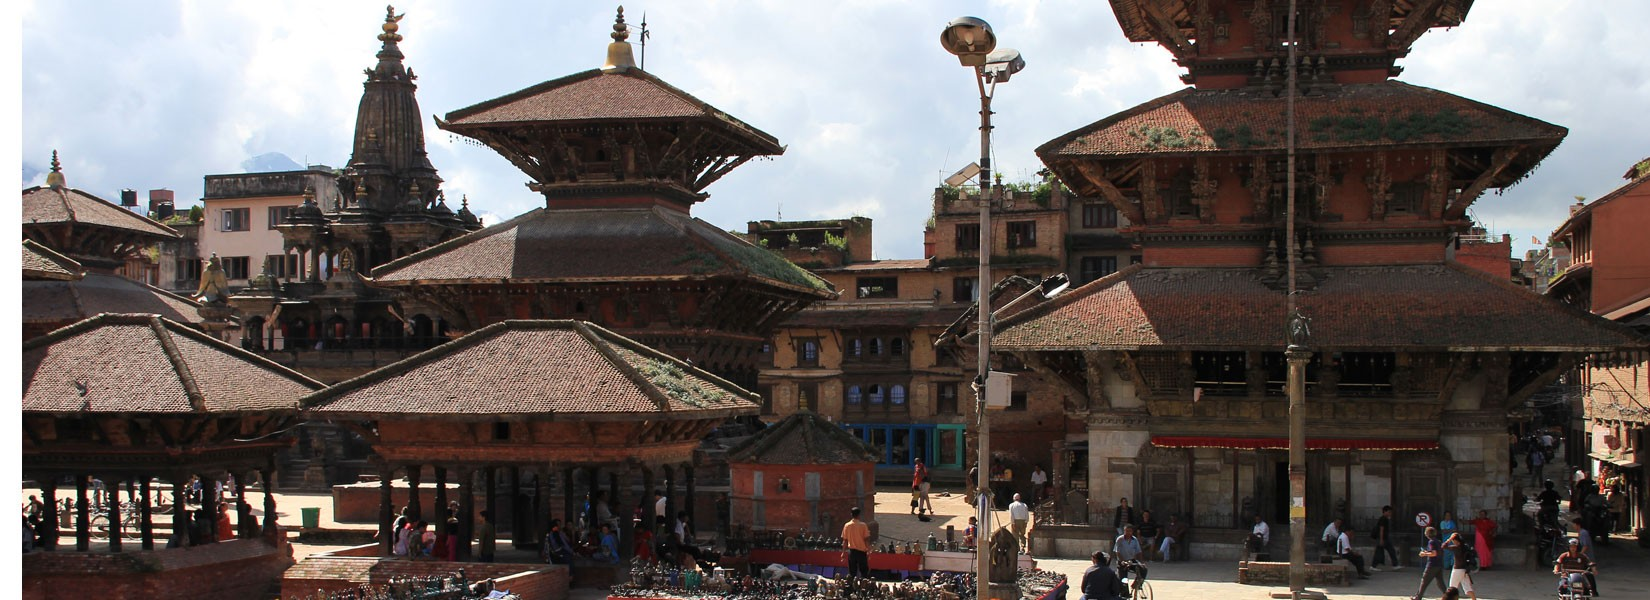 Kathmandu Nagarkot Chitwan Tour